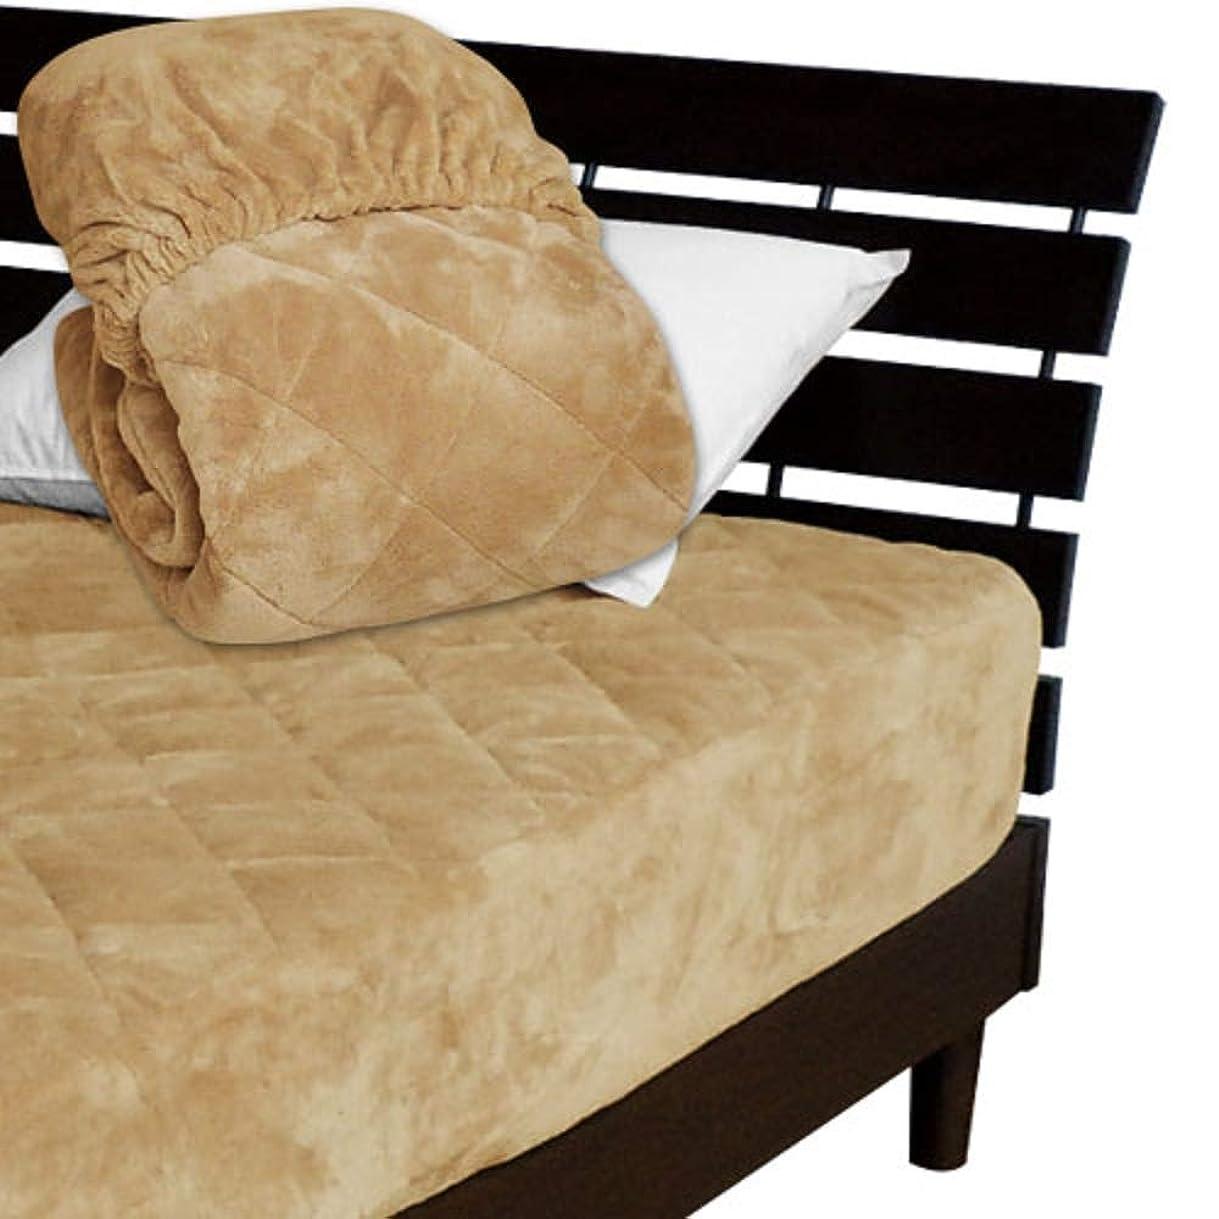 男やもめパリティホイッスル一体型 ベッドパッド ボックスシーツ を一体にした新商品 毛布生地で製造 メーカー直販 とろけるような肌触りふわふわ 一体型ボックスシーツ ワイドダブル 150×200×30cm キャメル